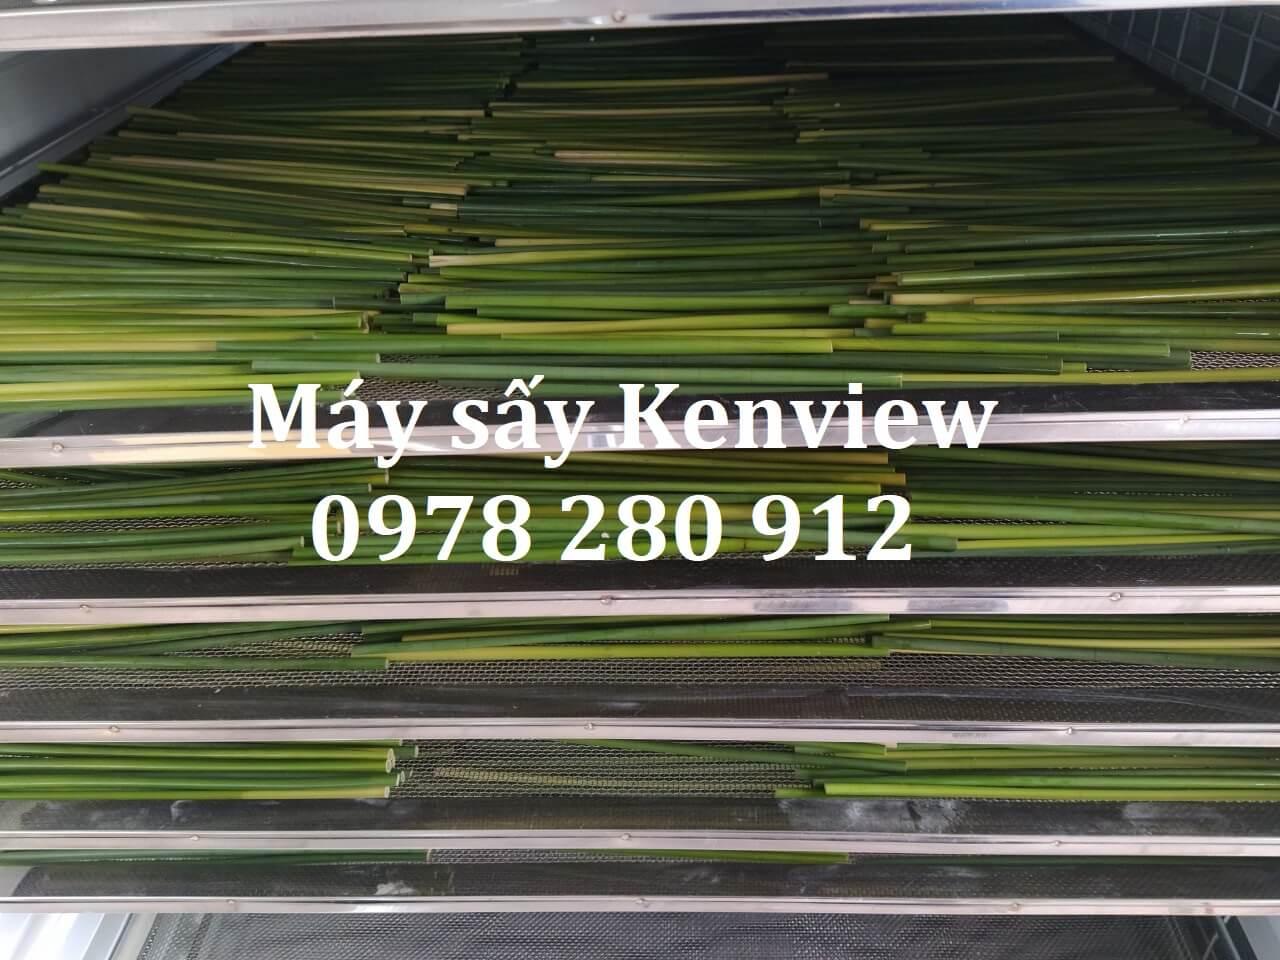 Máy sấy Kenview cung cấp Máy sấy Ống hút cỏ bàng tại TP.HCM .0978280912